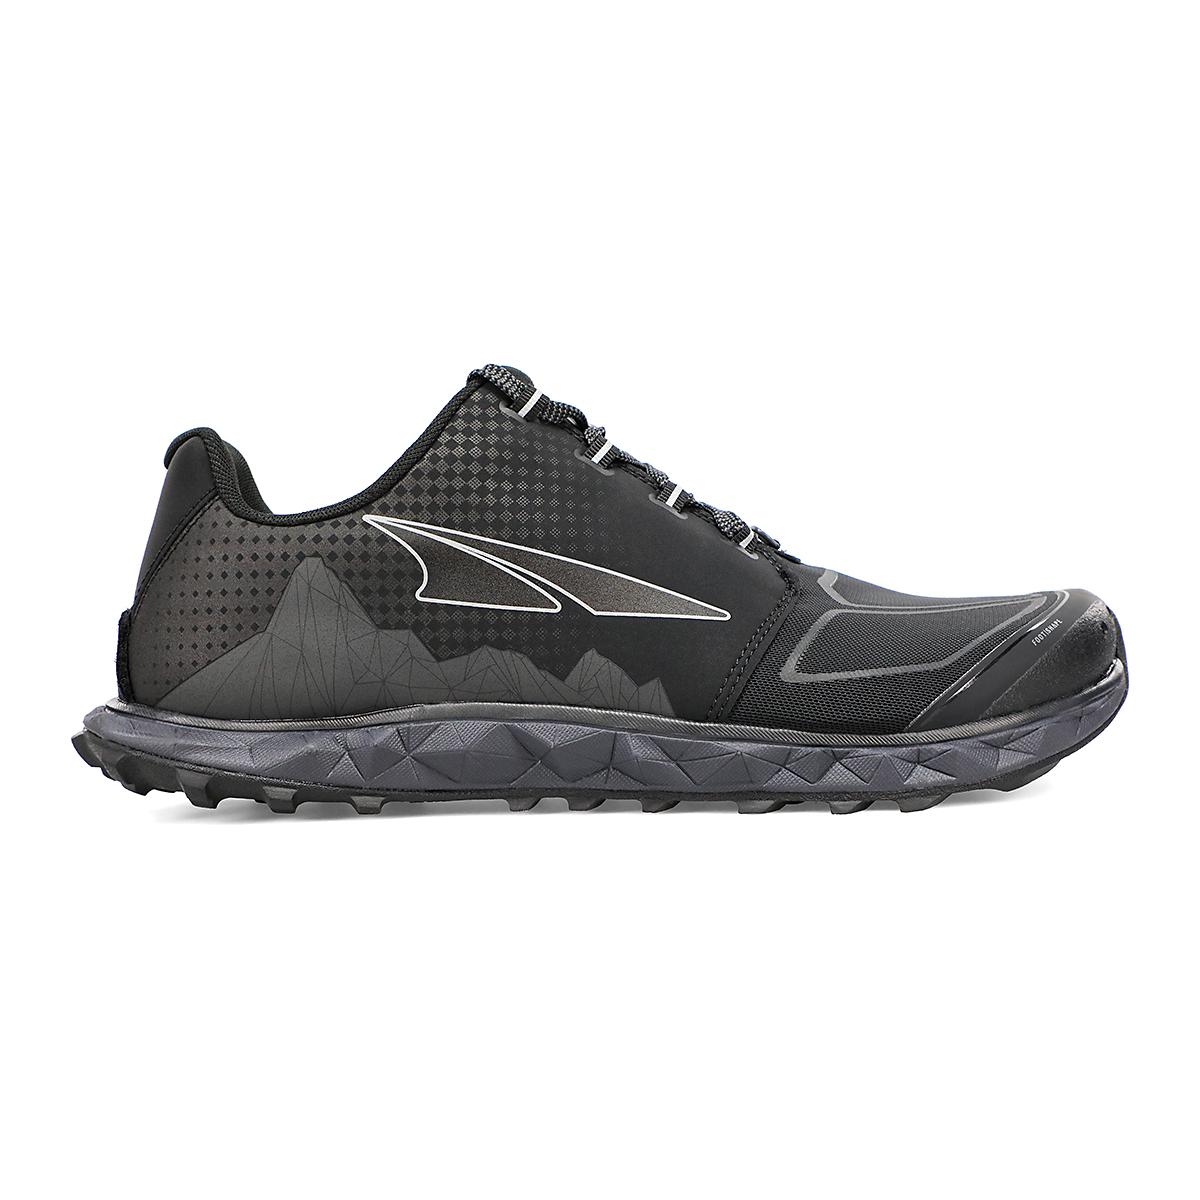 Men's Altra Superior 4.5 Trail Running Shoe - Color: Black - Size: 7 - Width: Regular, Black, large, image 1